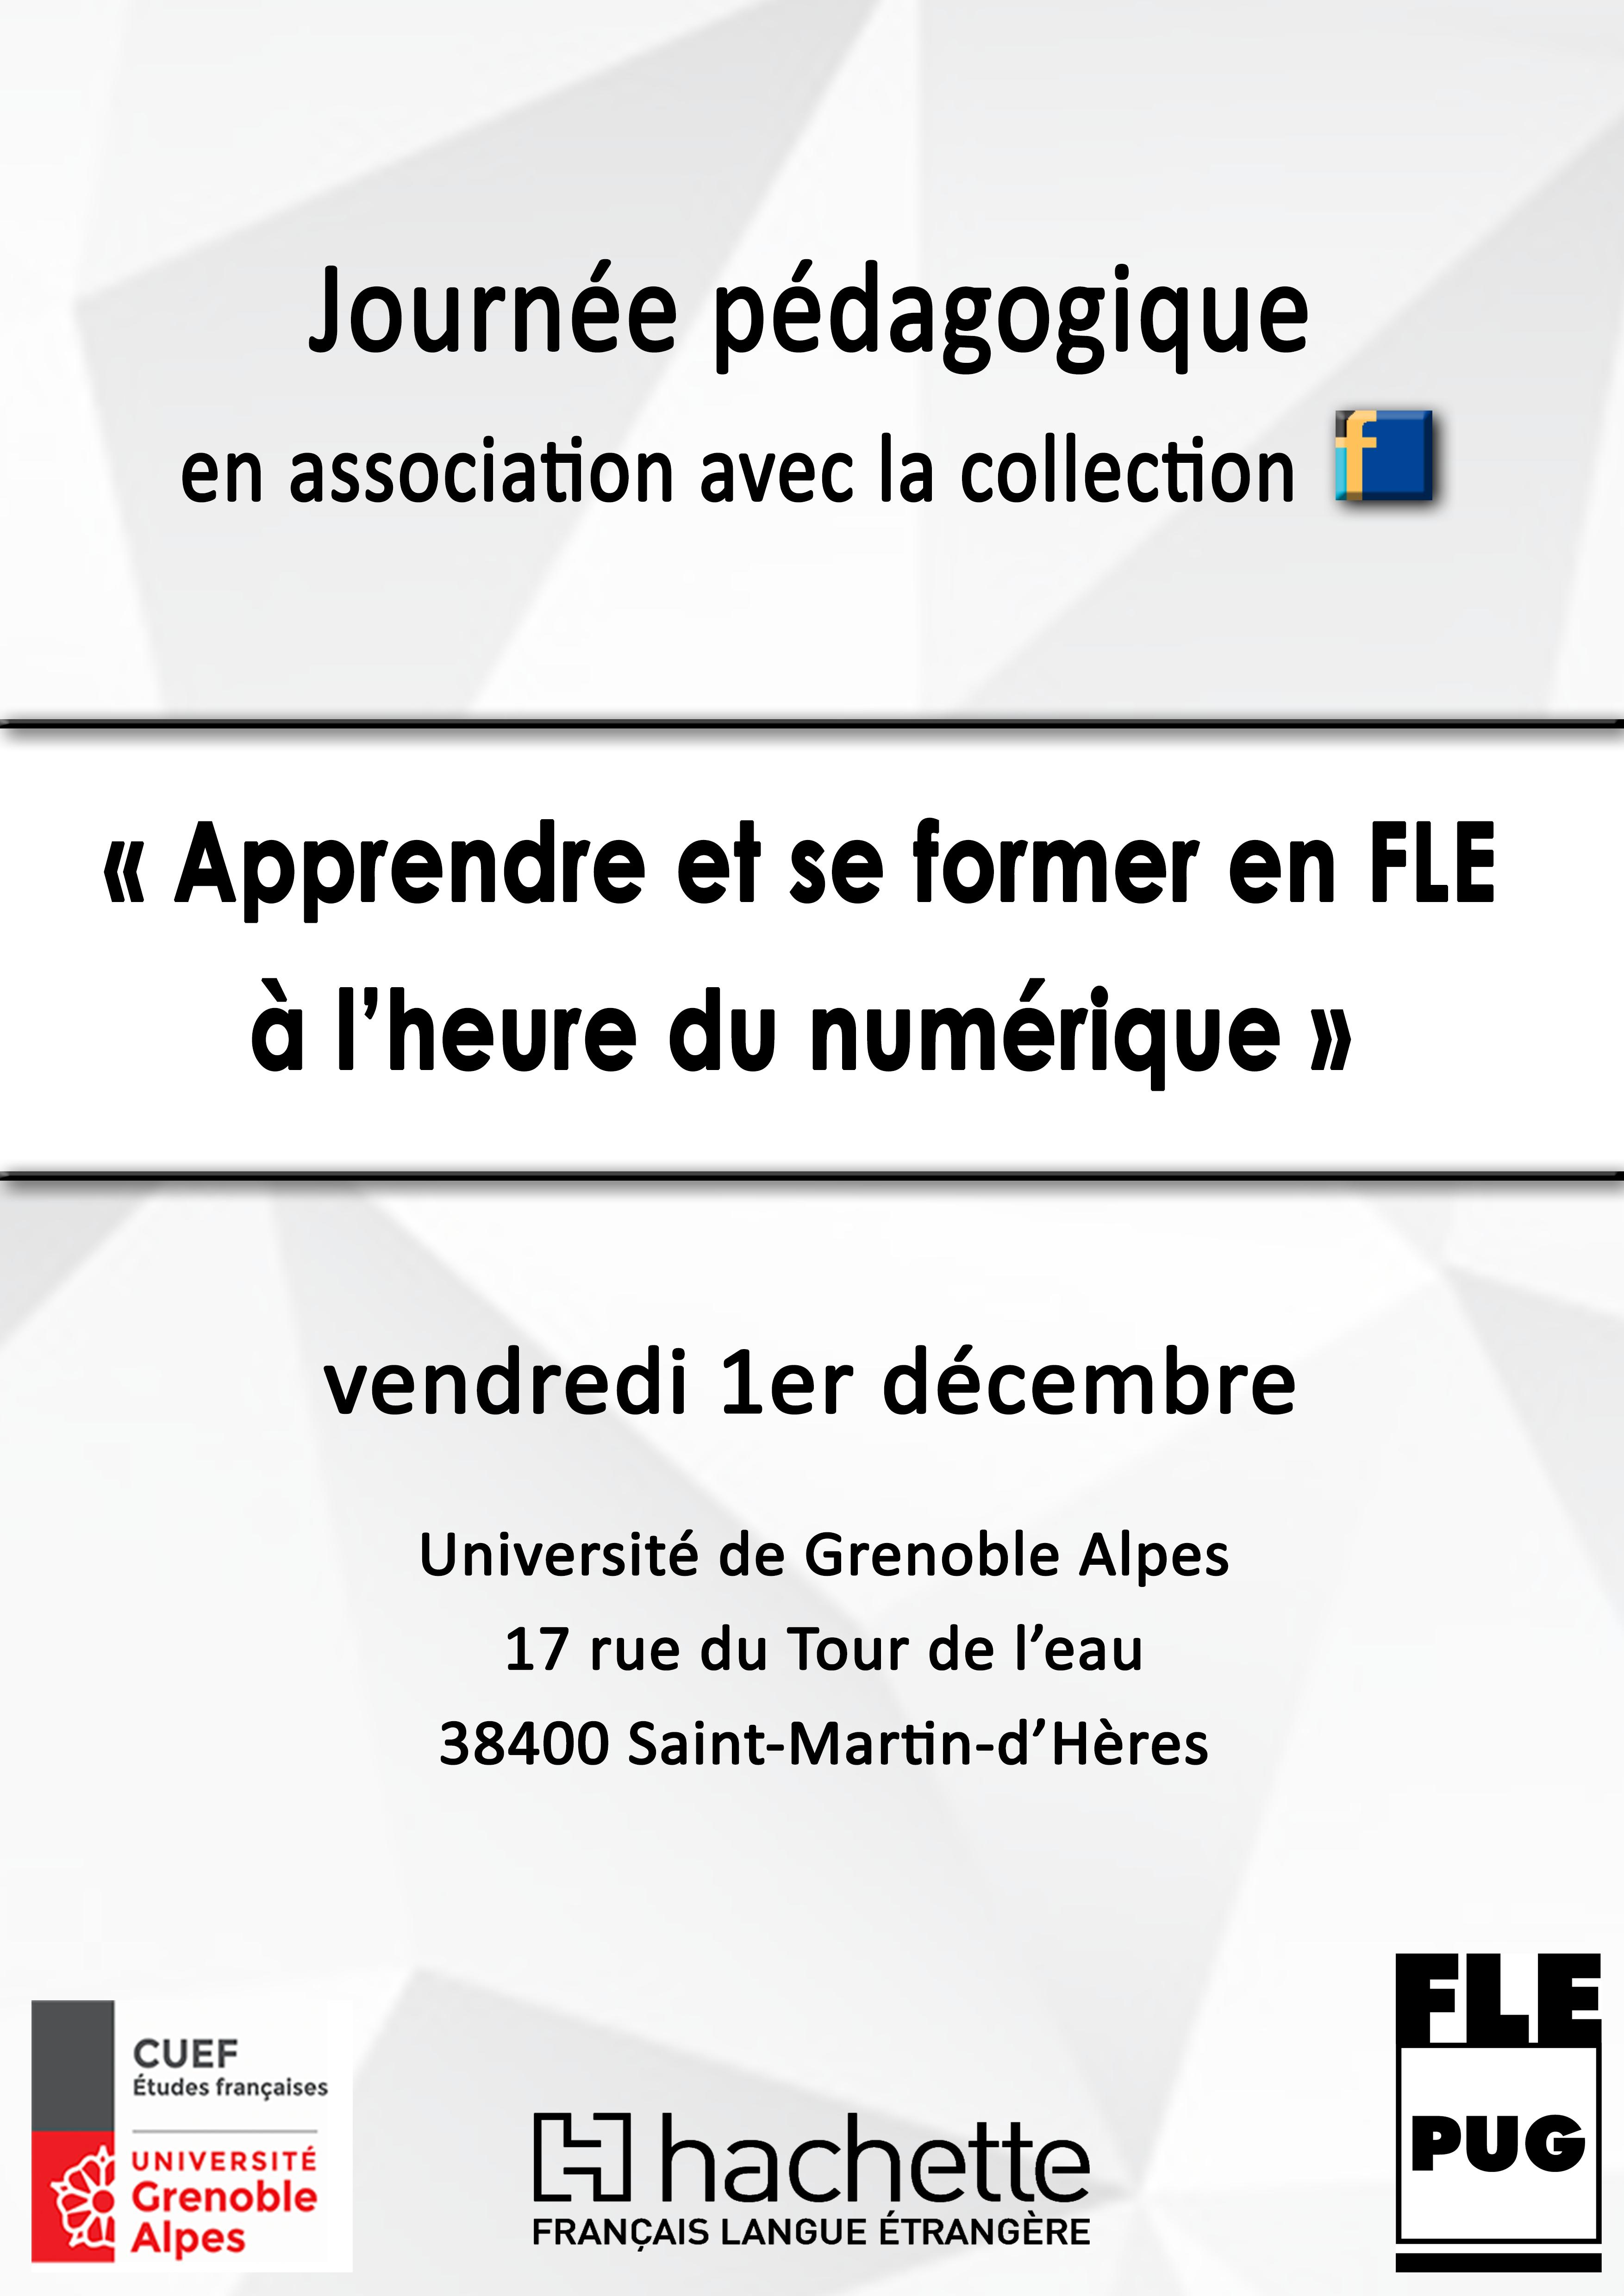 Journée pédagogique du vendredi 1er décembre à Grenoble